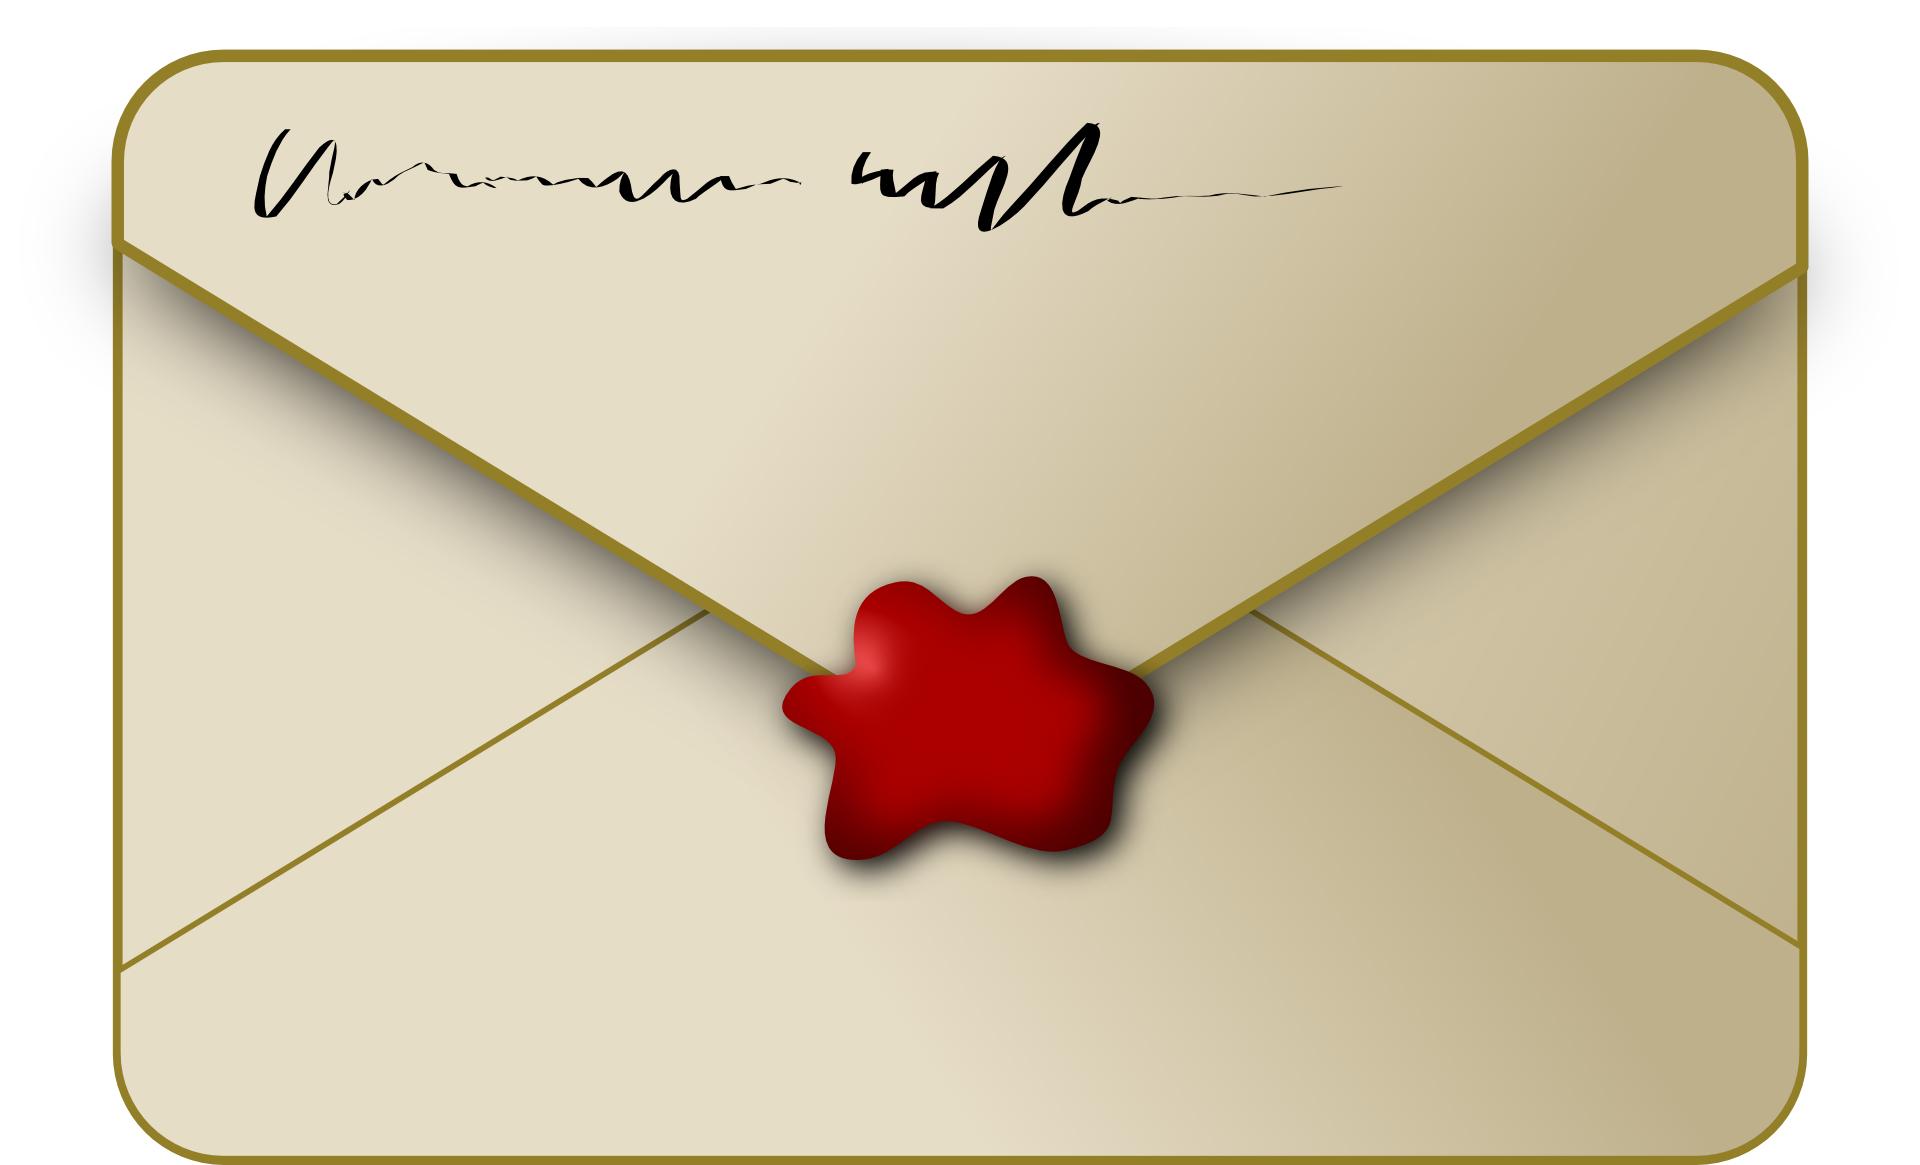 sealed love letter,mail envelope vector